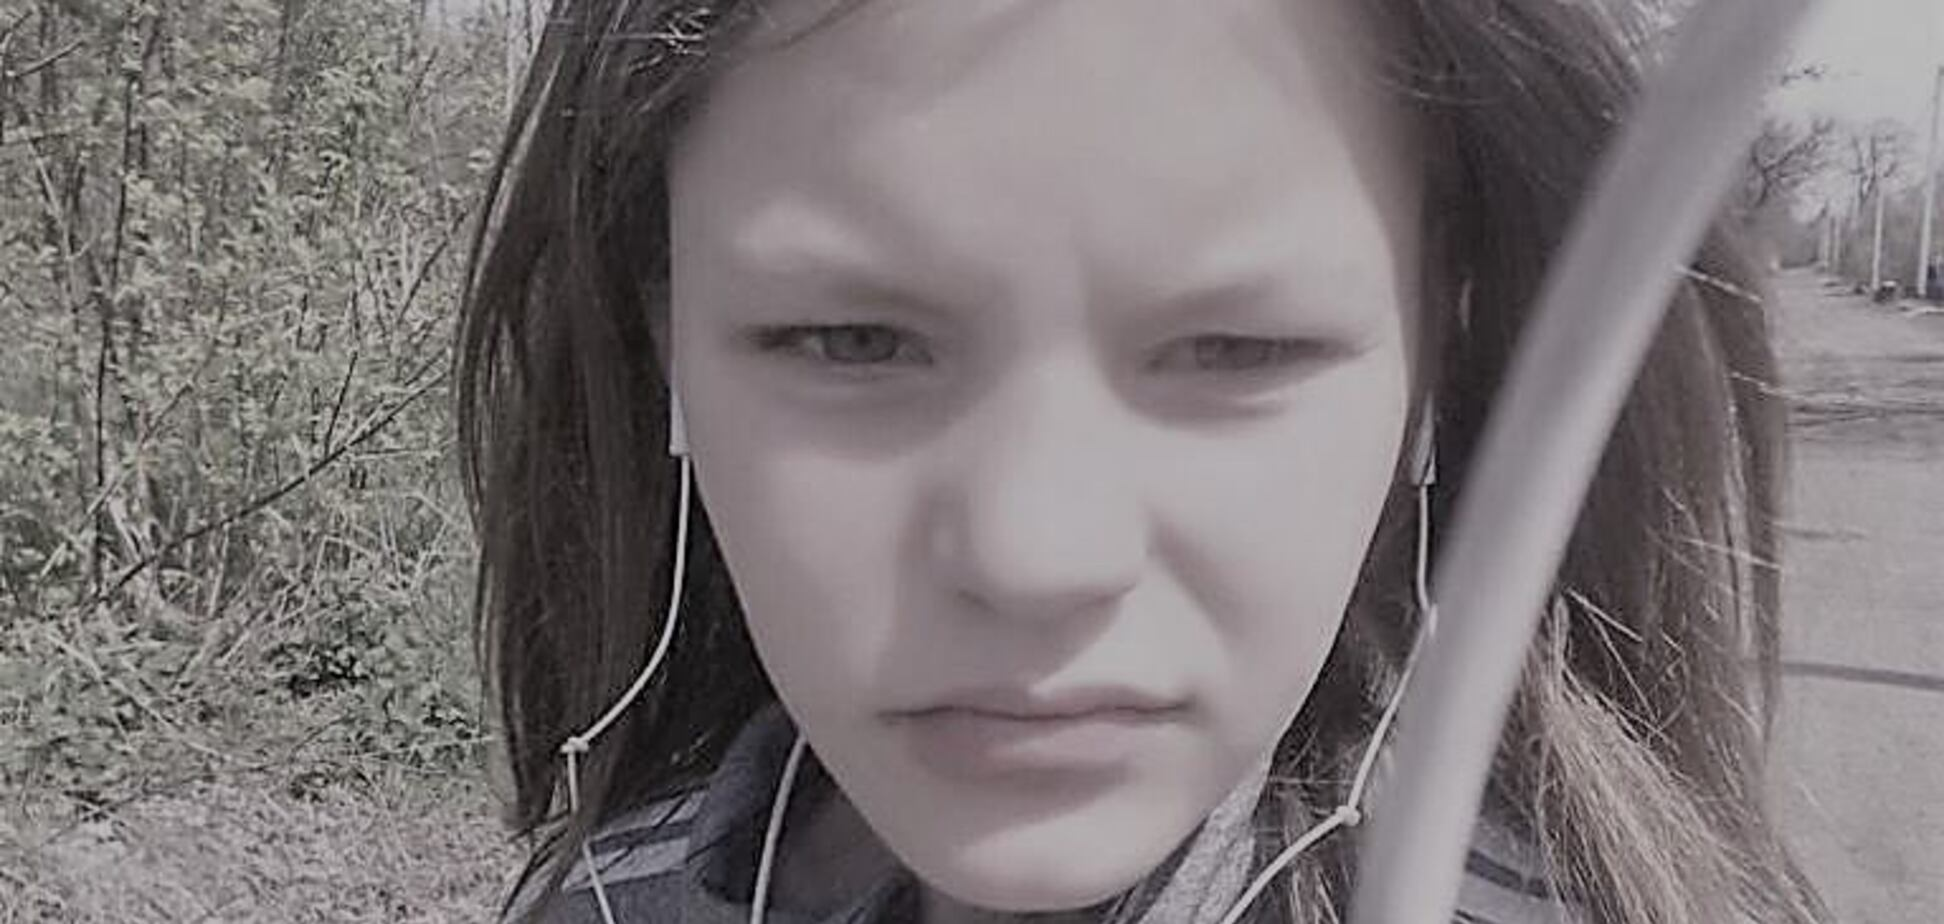 'Мать цинично врала в глаза!' Появились шокирующие данные об убийстве девочки под Днепром